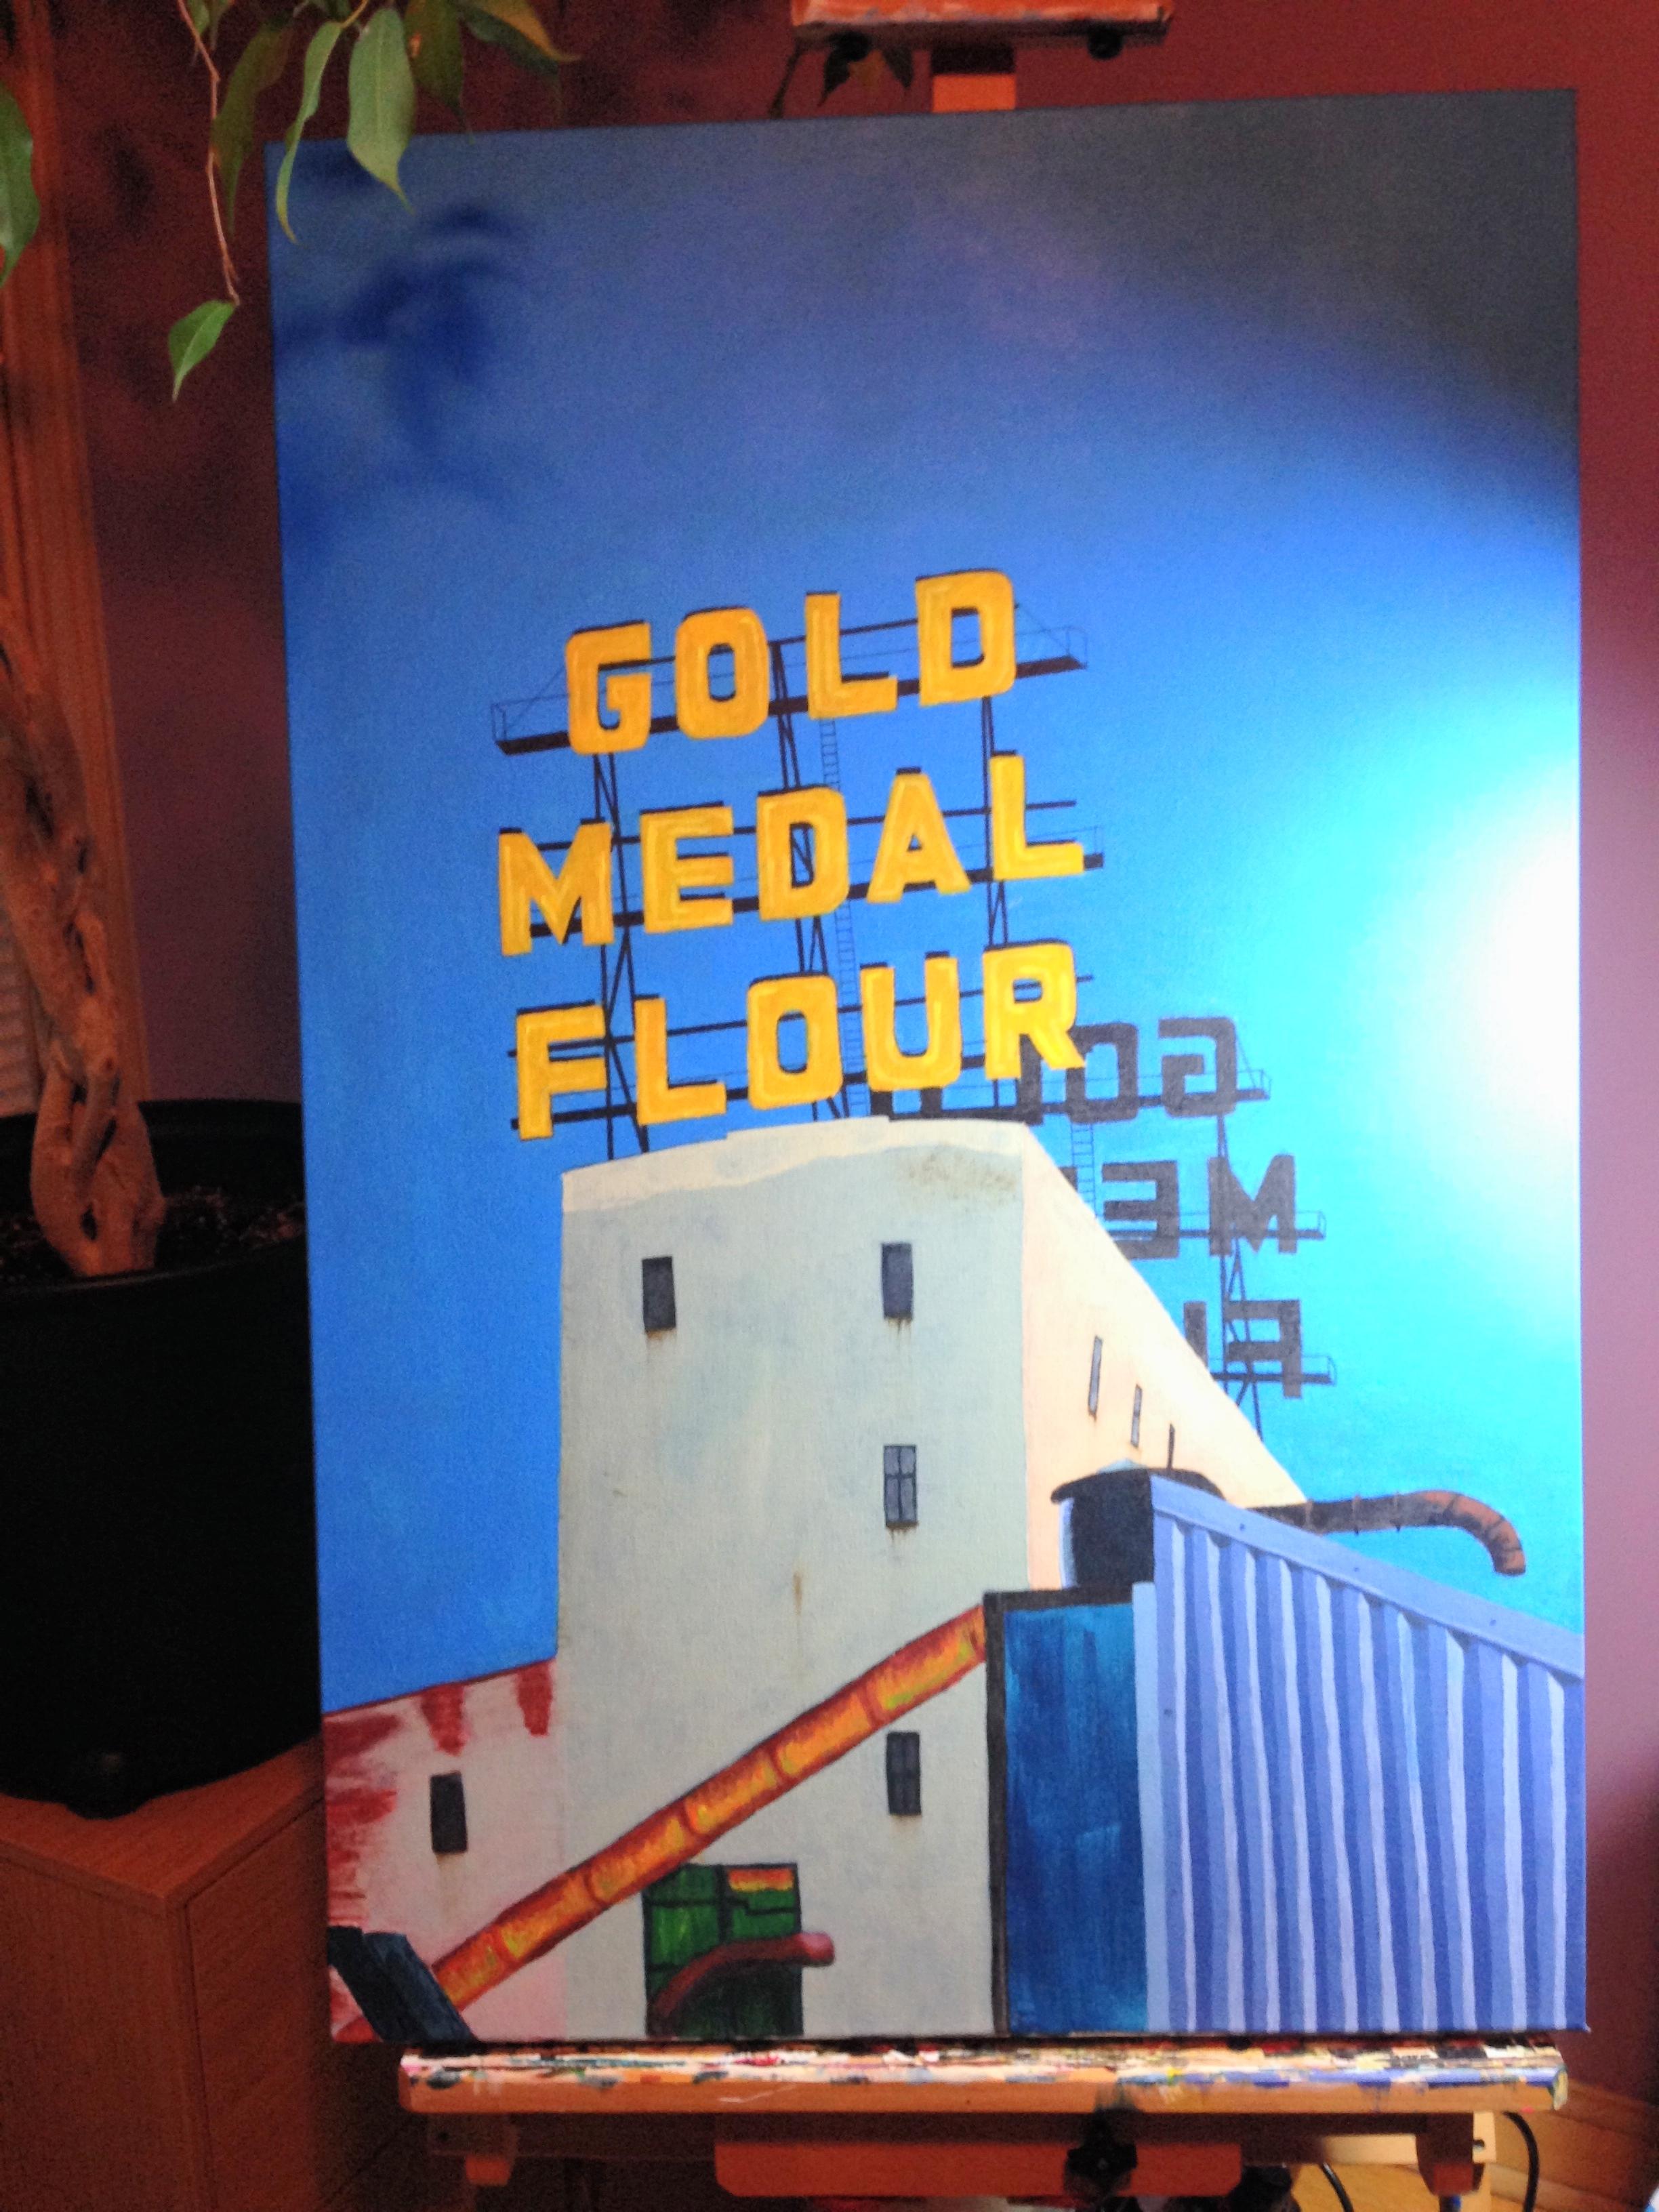 Gold Metal Flour sign